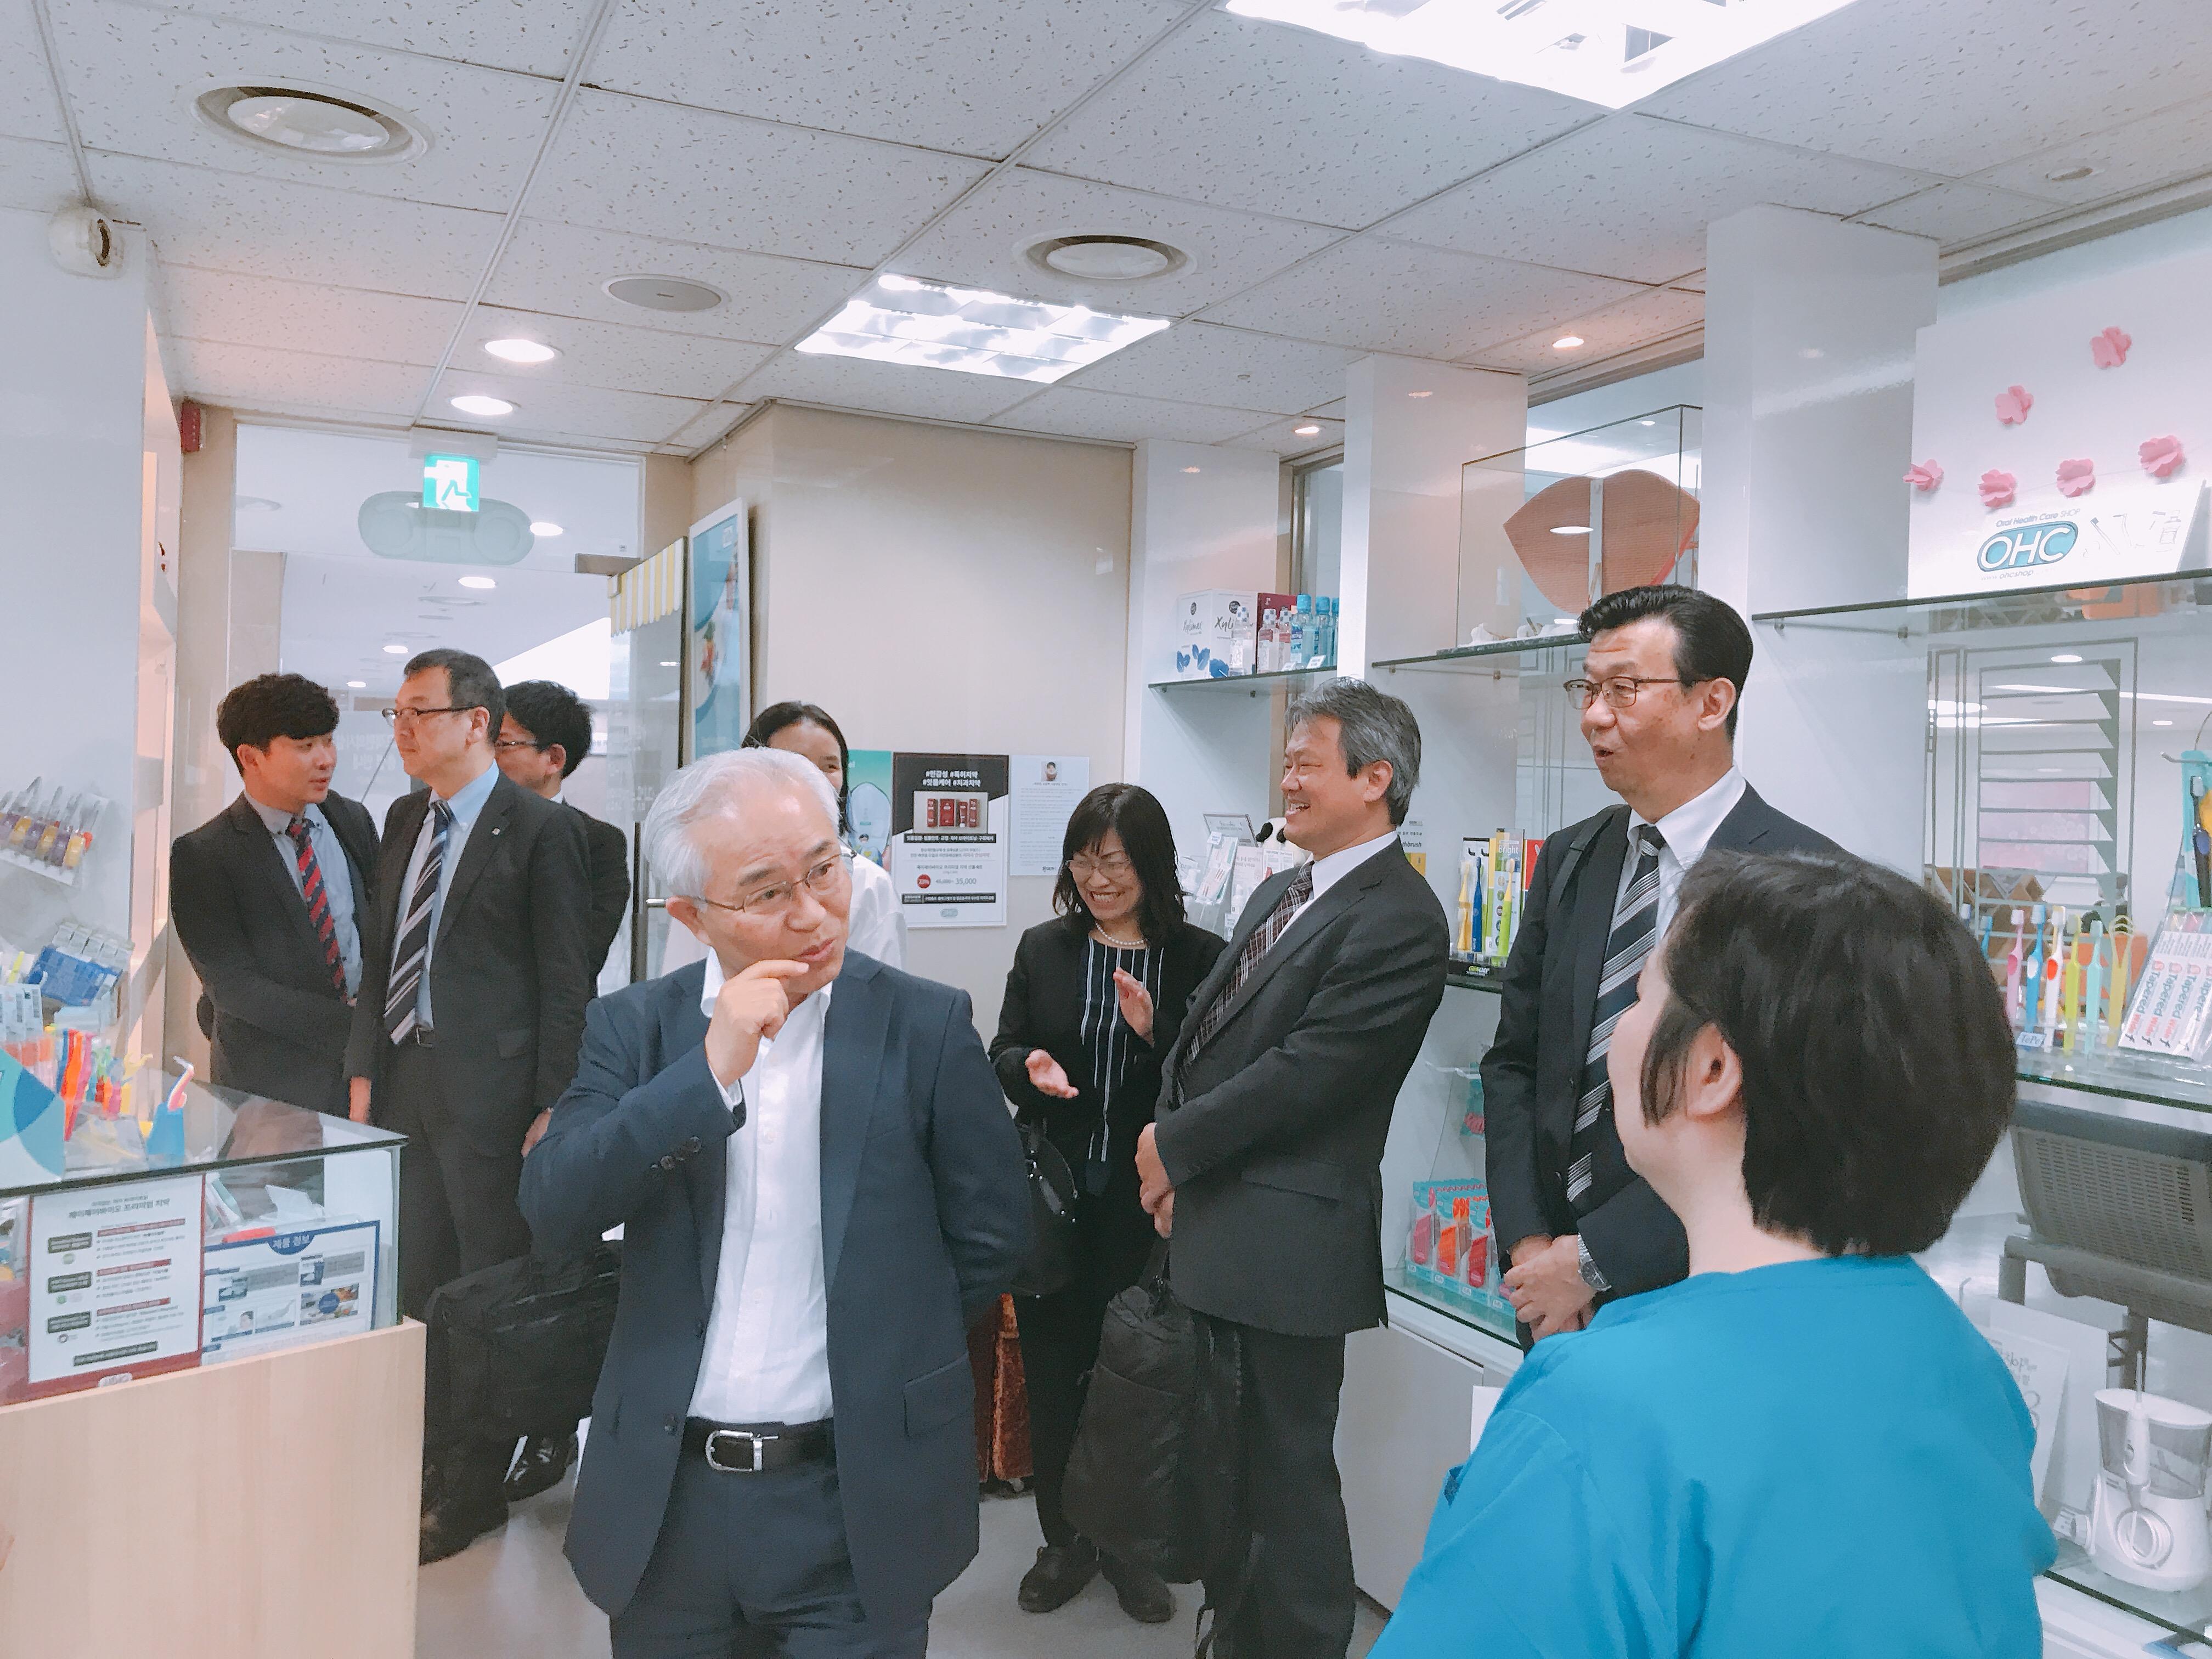 2019-5-13 일본 라이온 본사 직원 혜화방문 2.jpg